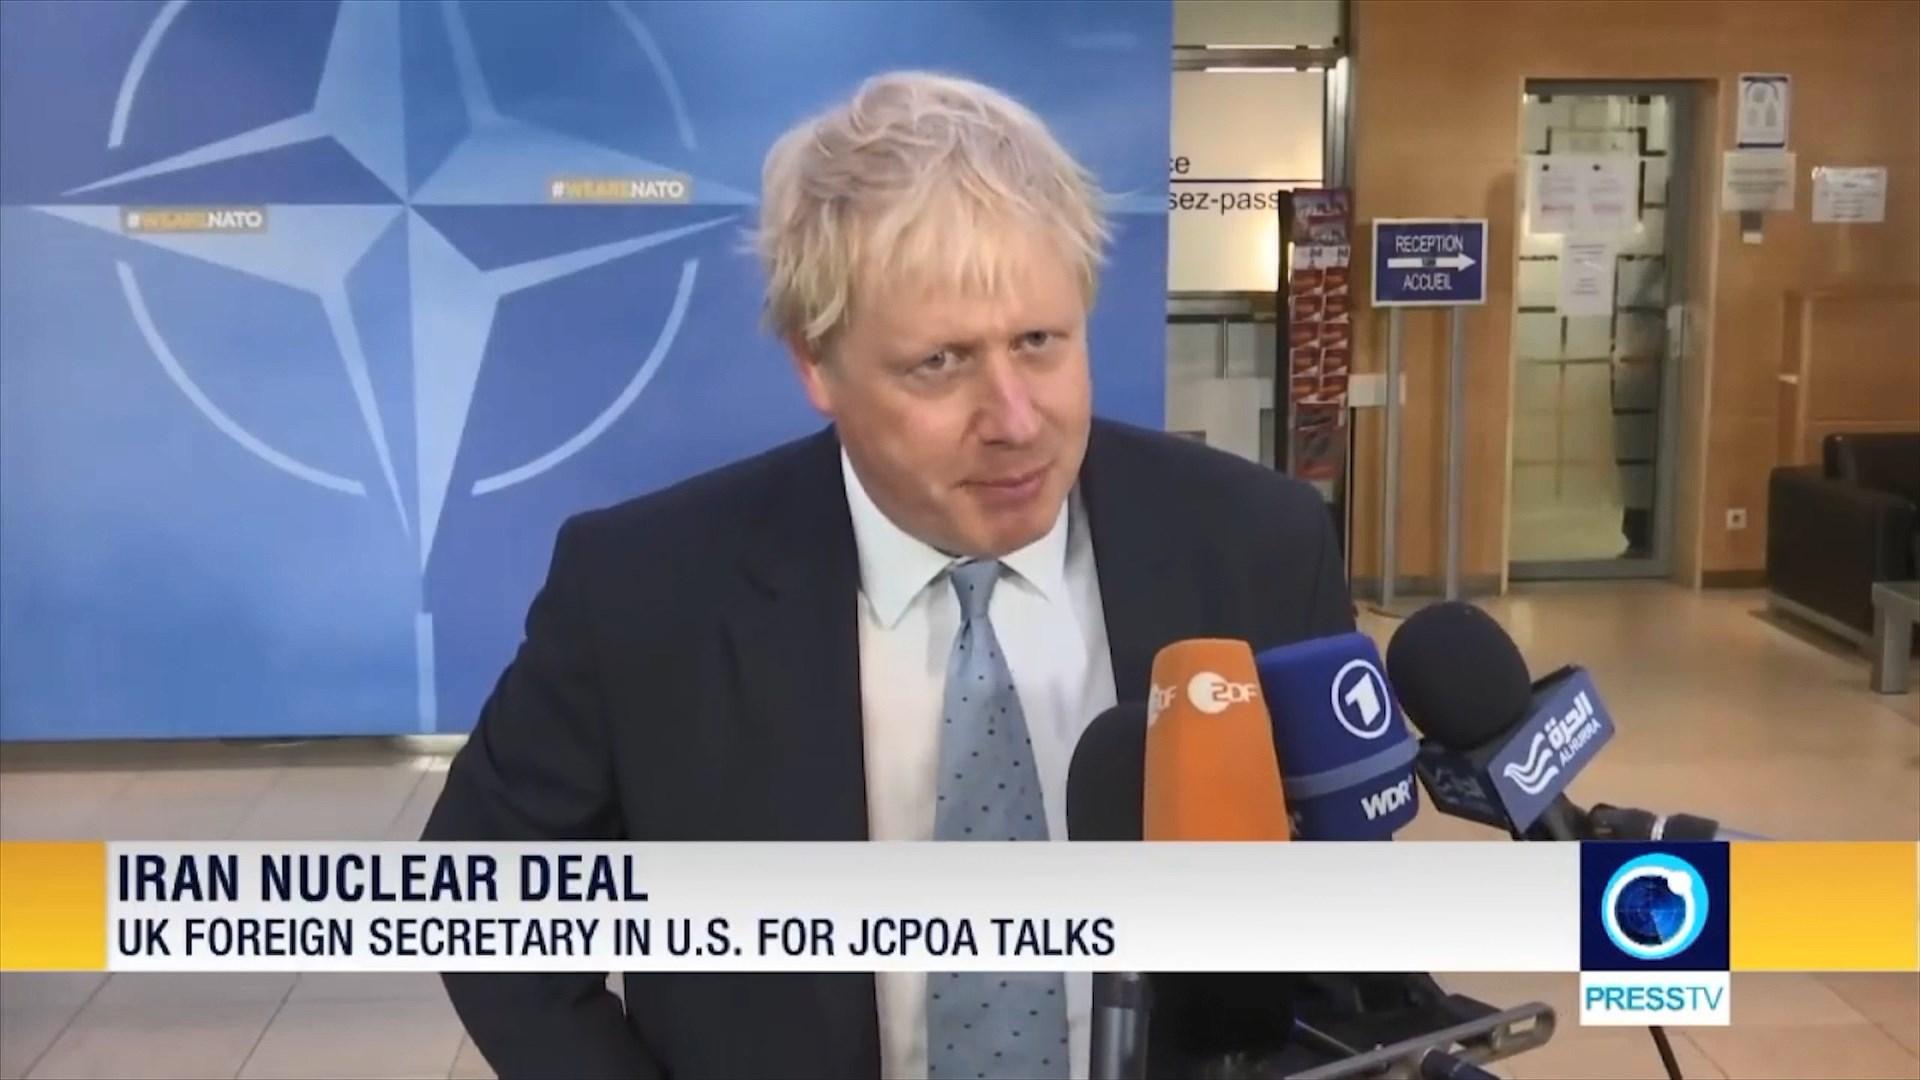 Marrëveshja bërthamore me Iranin/ Britania i kërkon Trumpit të mos tërhiqet